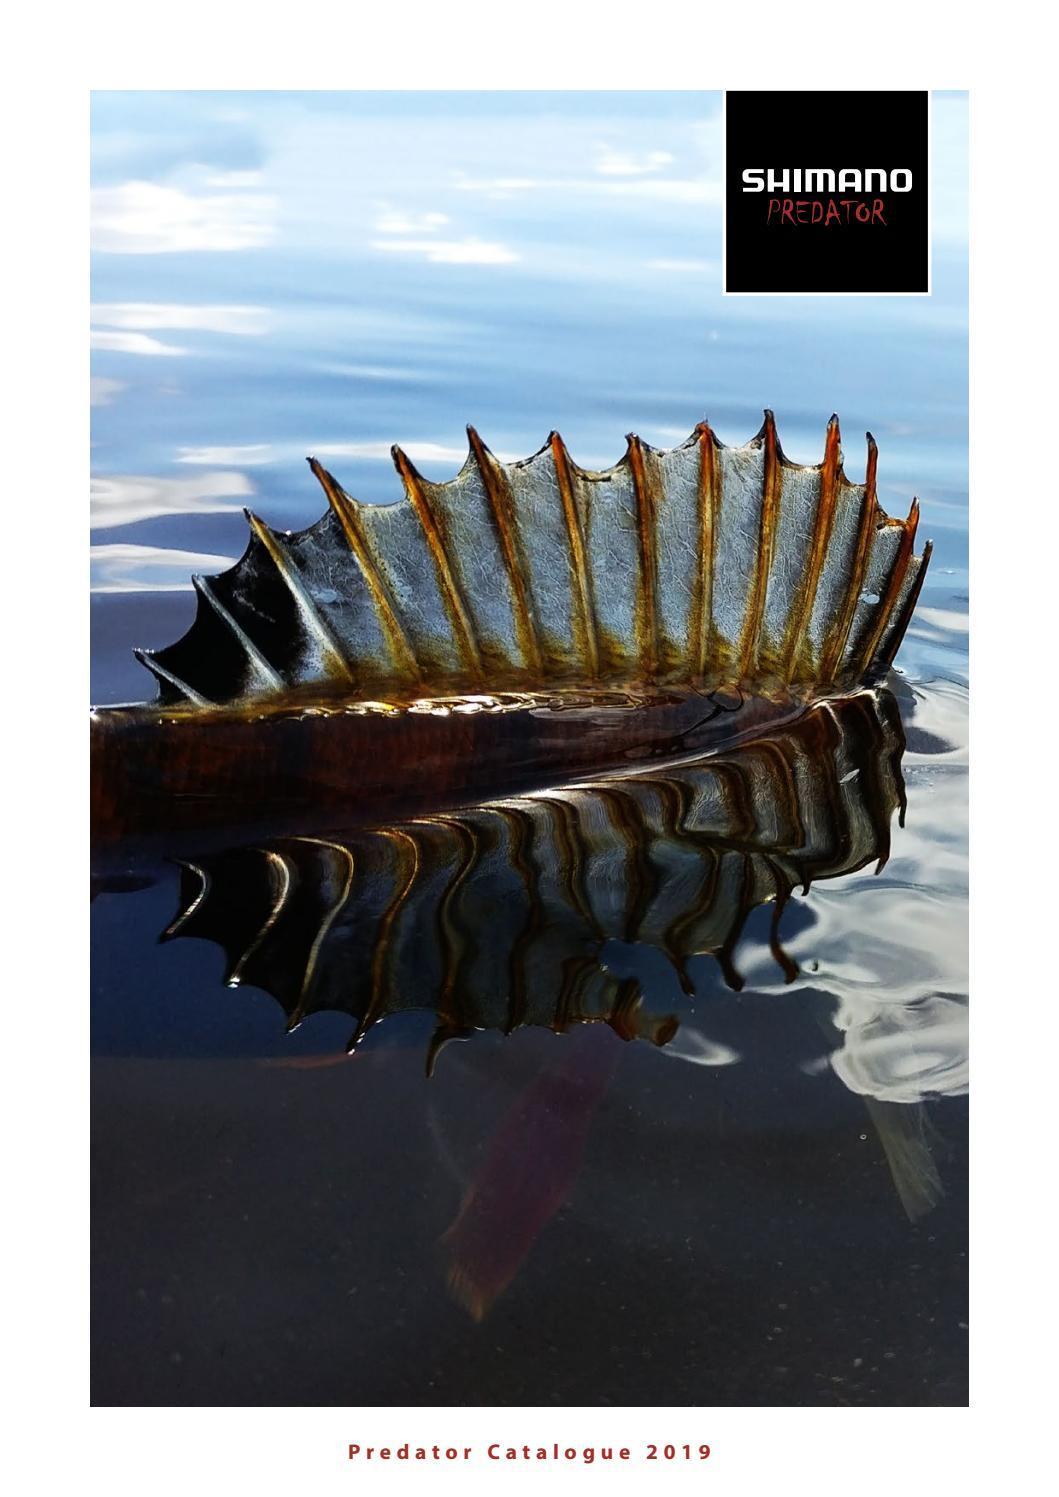 Shimano Predator Catalogue 2019 by Shimano Europe Fishing